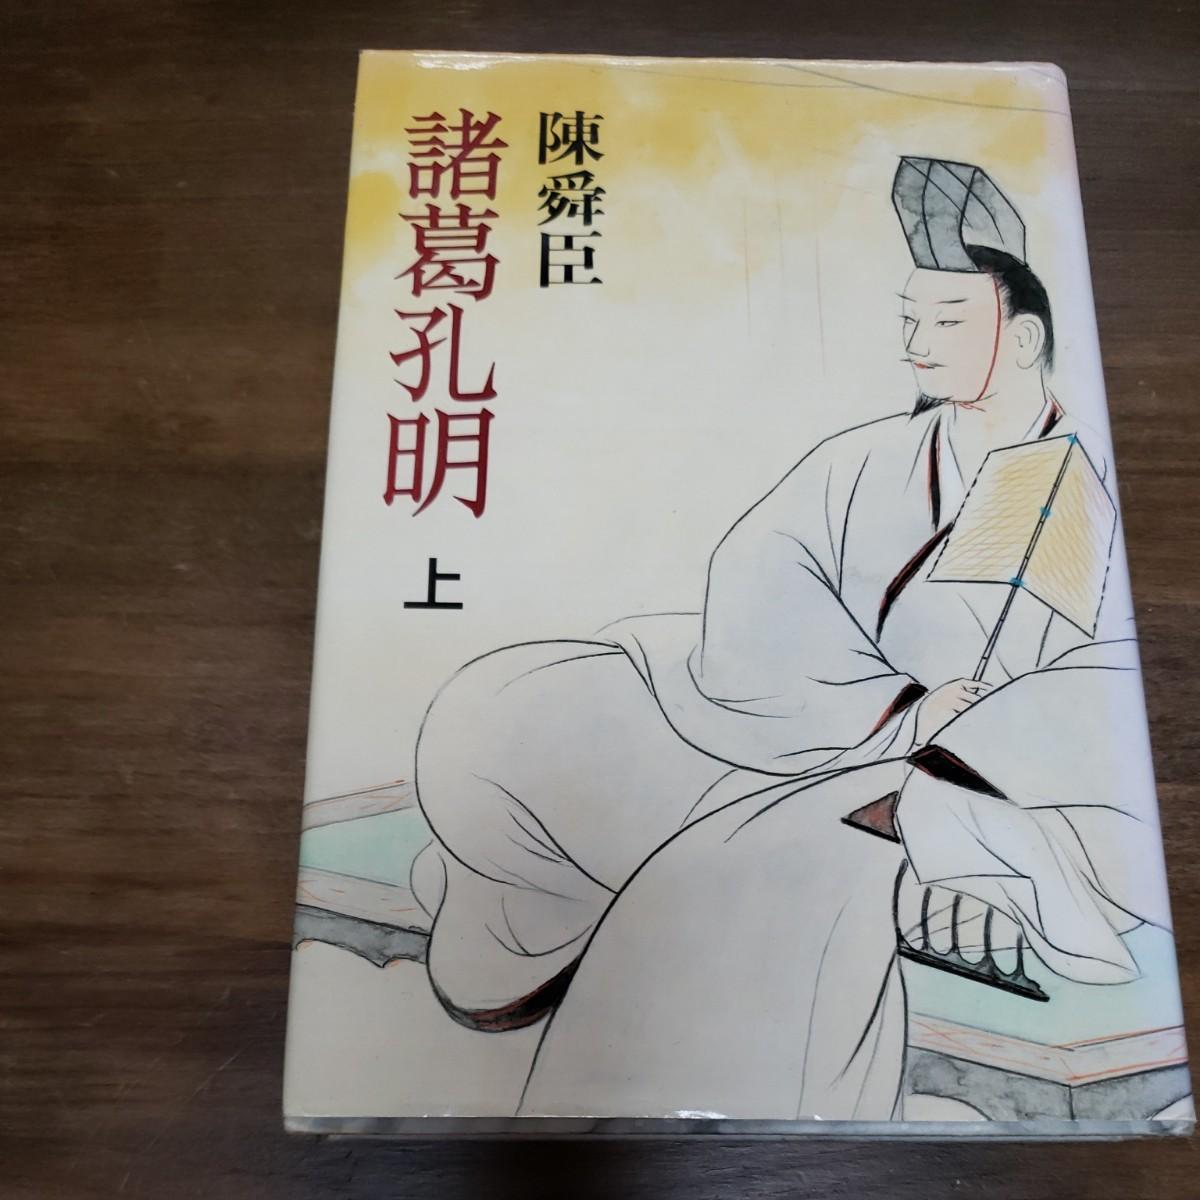 諸葛孔明(上下)/陳 舜臣著/中央公論社